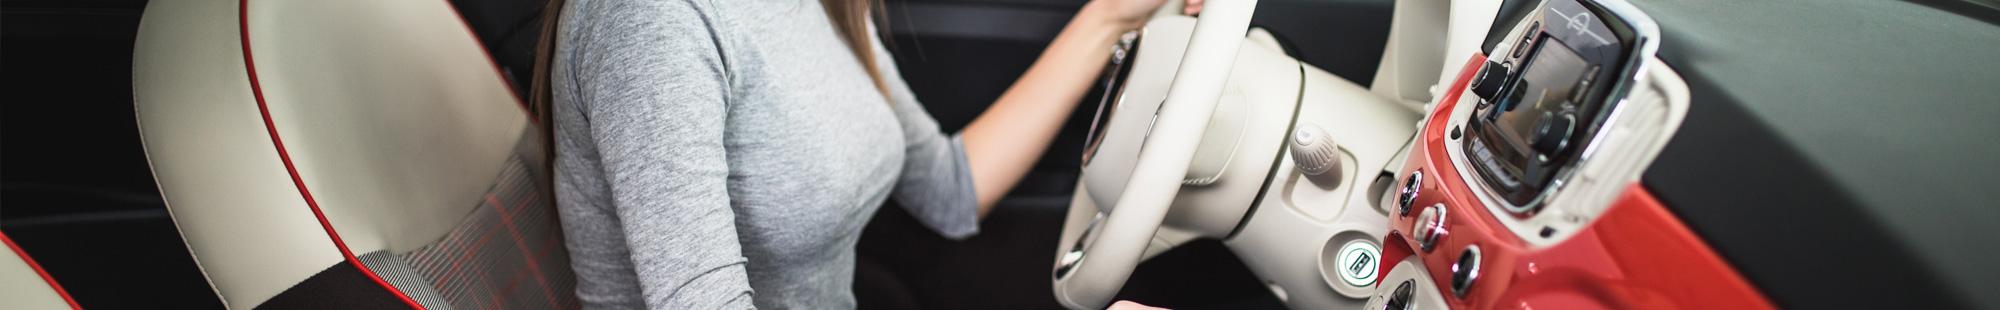 kobieta za kierownicą auta